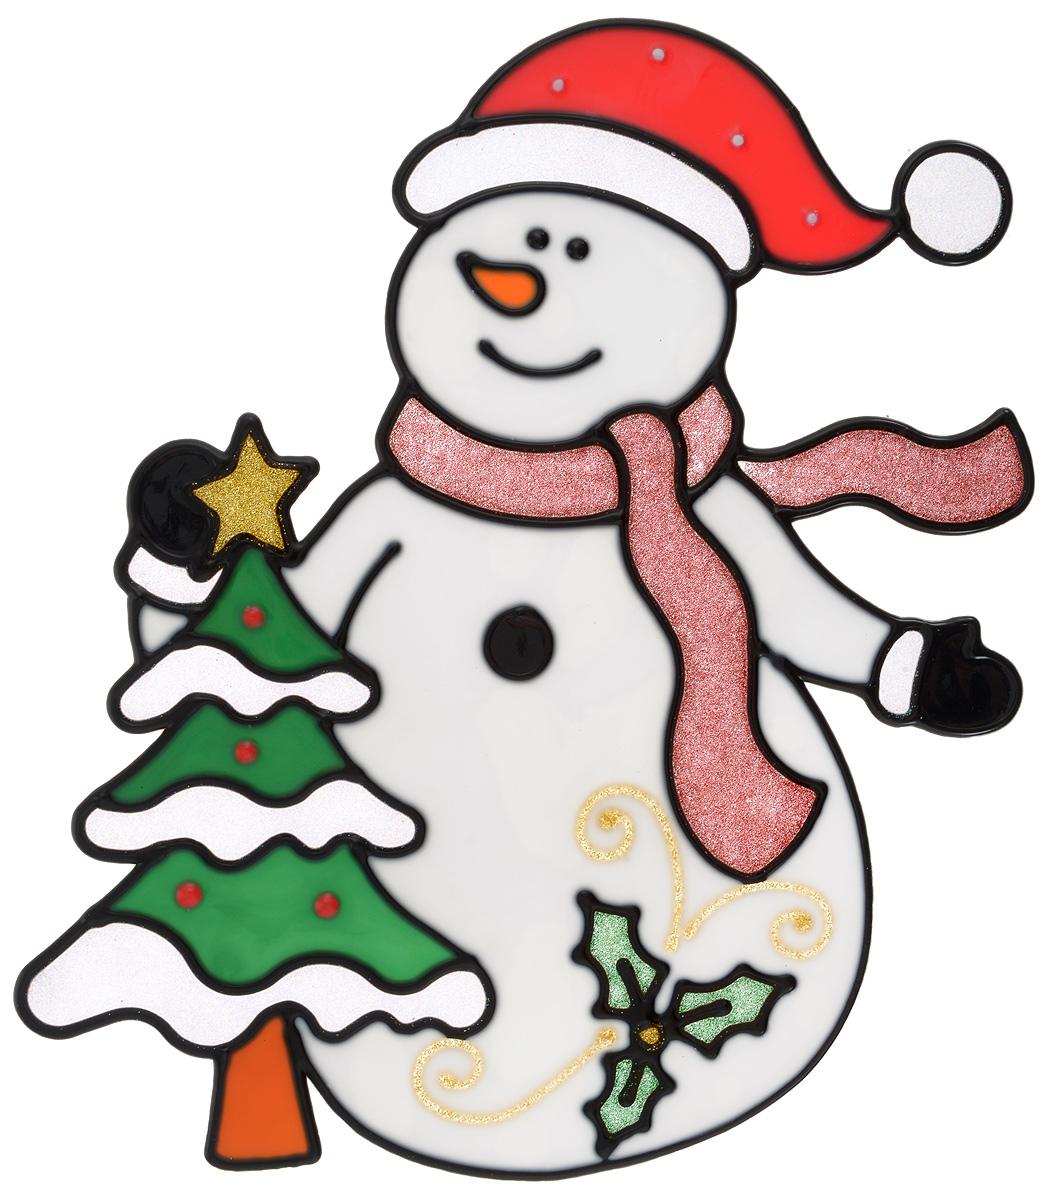 Новогоднее оконное украшение Winter Wings Снеговик с елкой, 21 х 24 смN09204Новогоднее оконное украшение Winter Wings Снеговик с елкой выполнено из геля. С помощью наклейки Winter Wings Снеговик с елкой можно составлять на стекле целые зимние сюжеты, которые будут радовать глаз, и поднимать настроение в праздничные дни! Так же Вы можете преподнести этот сувенир в качестве мини-презента коллегам, близким и друзьям с пожеланиями счастливого Нового Года!